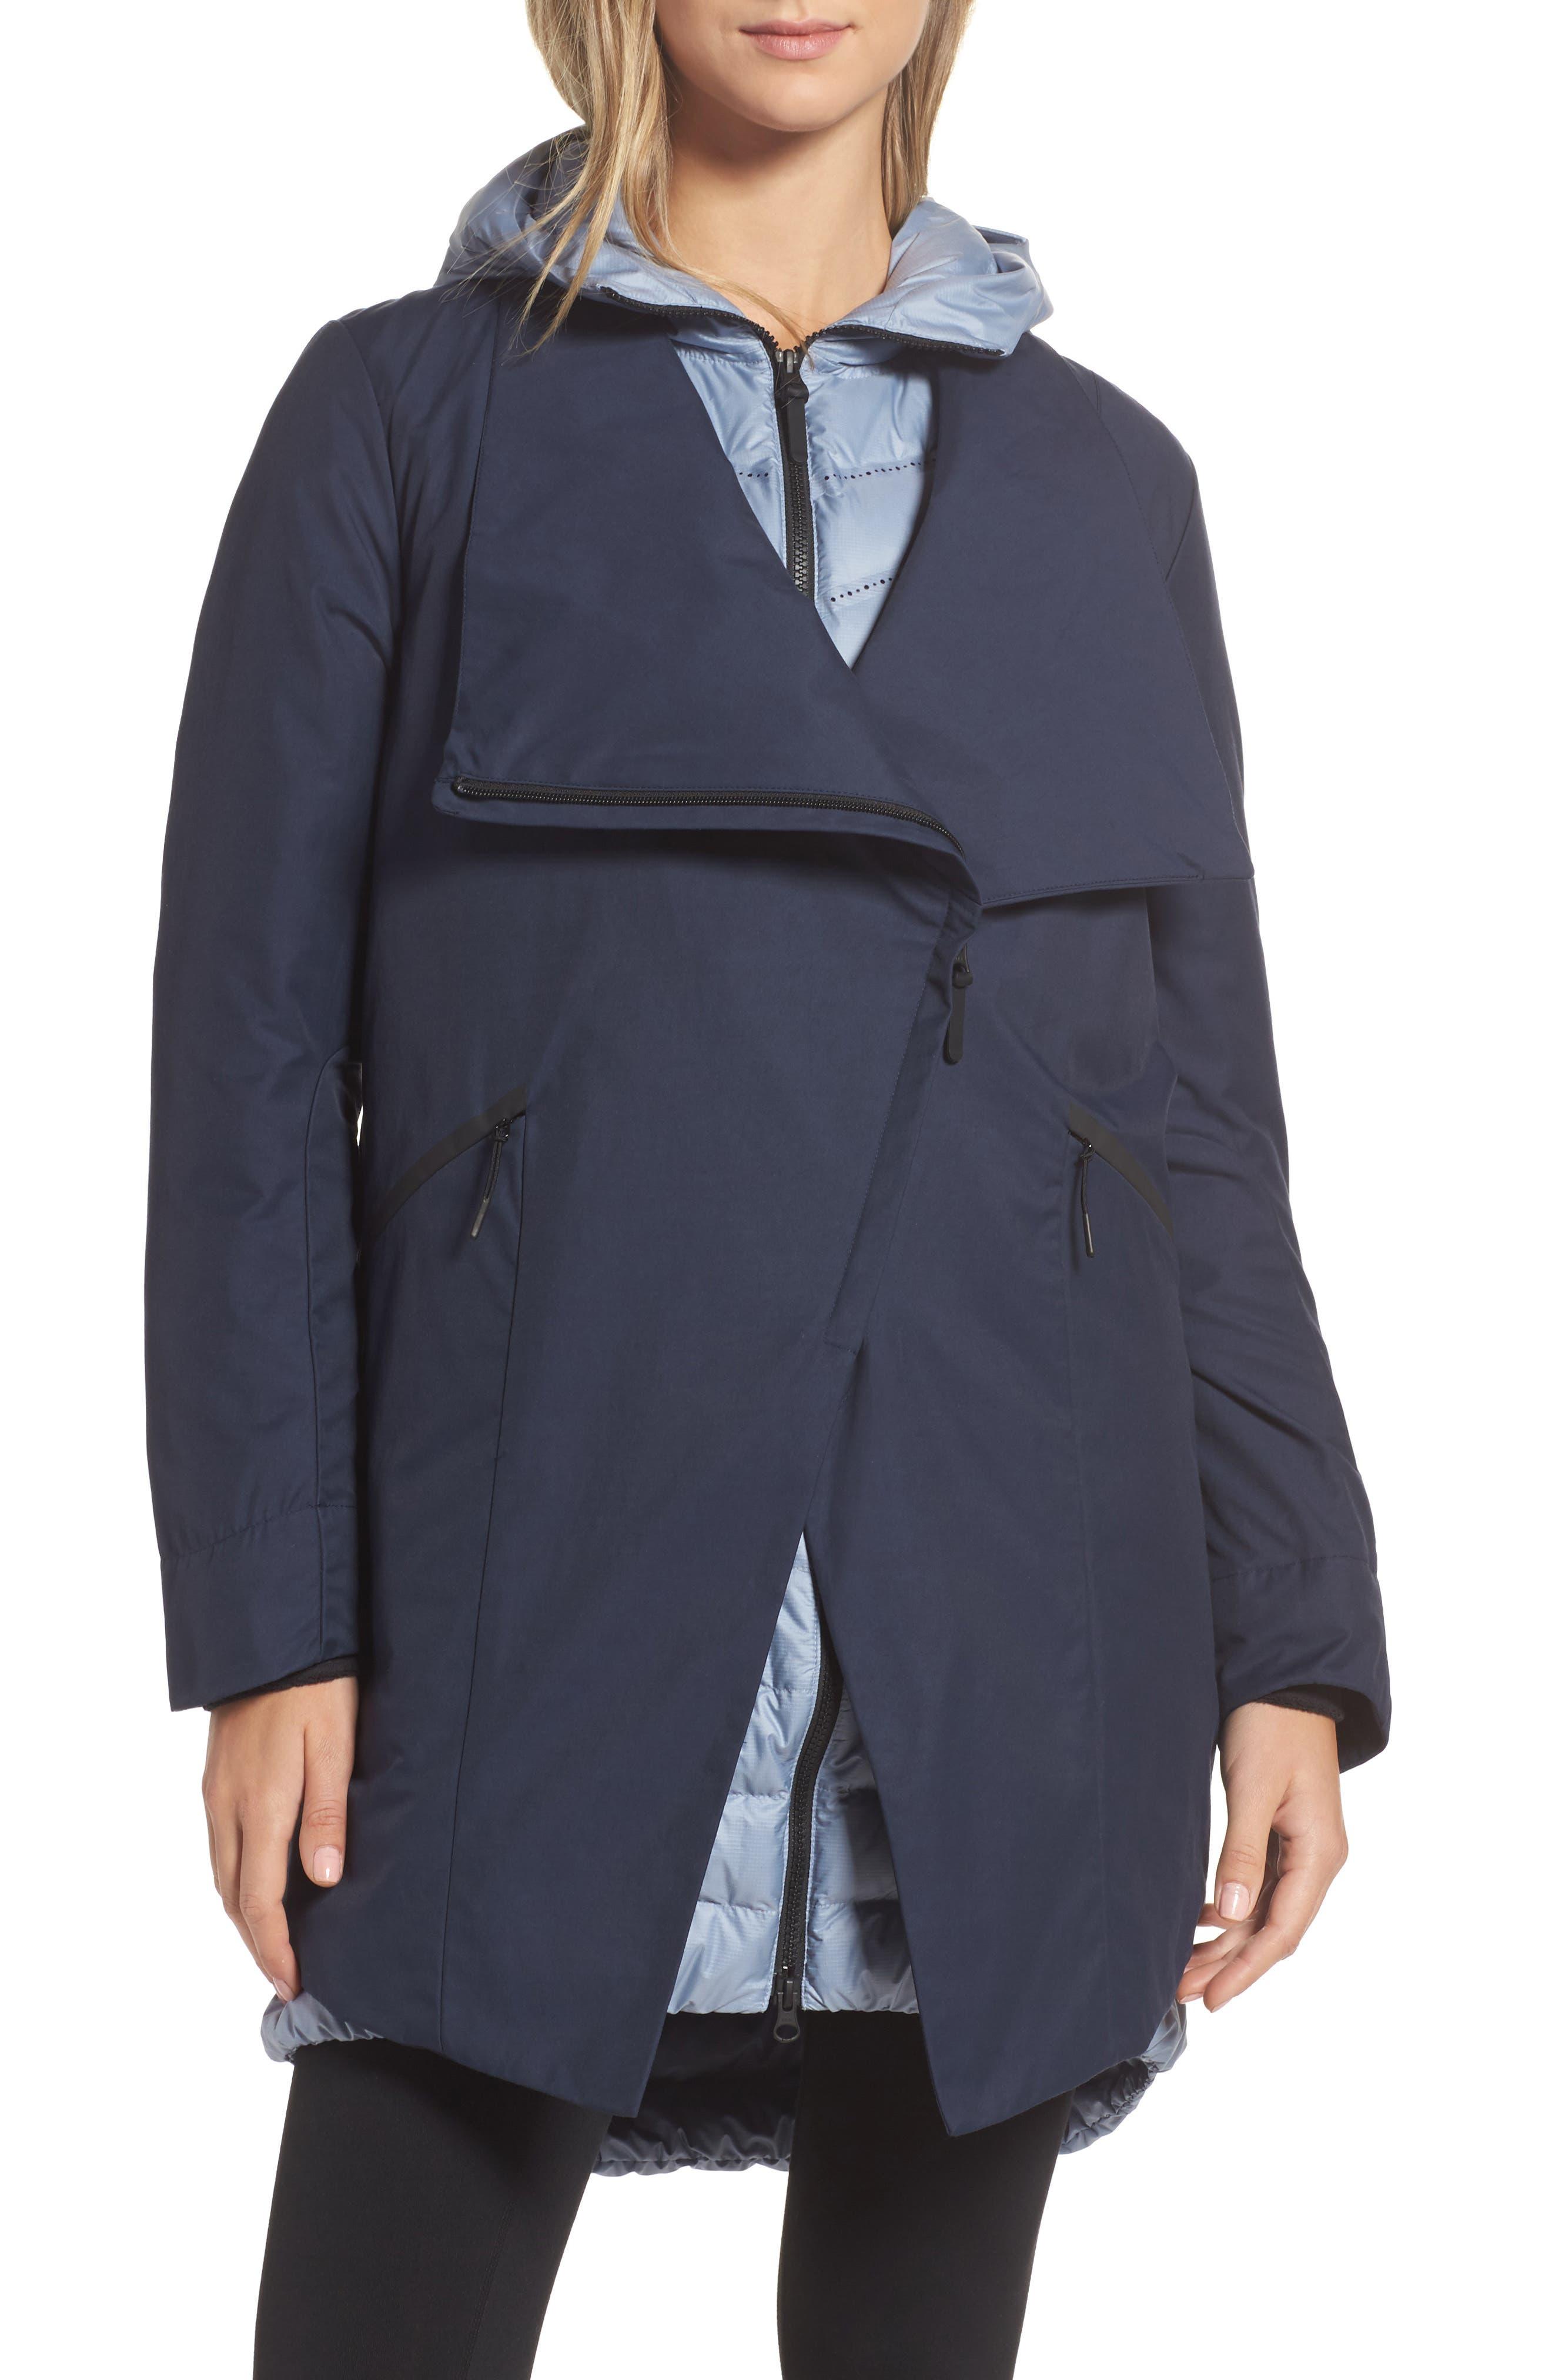 Sportswear Women's AeroLoft 3-in-1 Down Fill Parka,                             Alternate thumbnail 3, color,                             OBSIDIAN/ GLACIER GREY/ BLACK